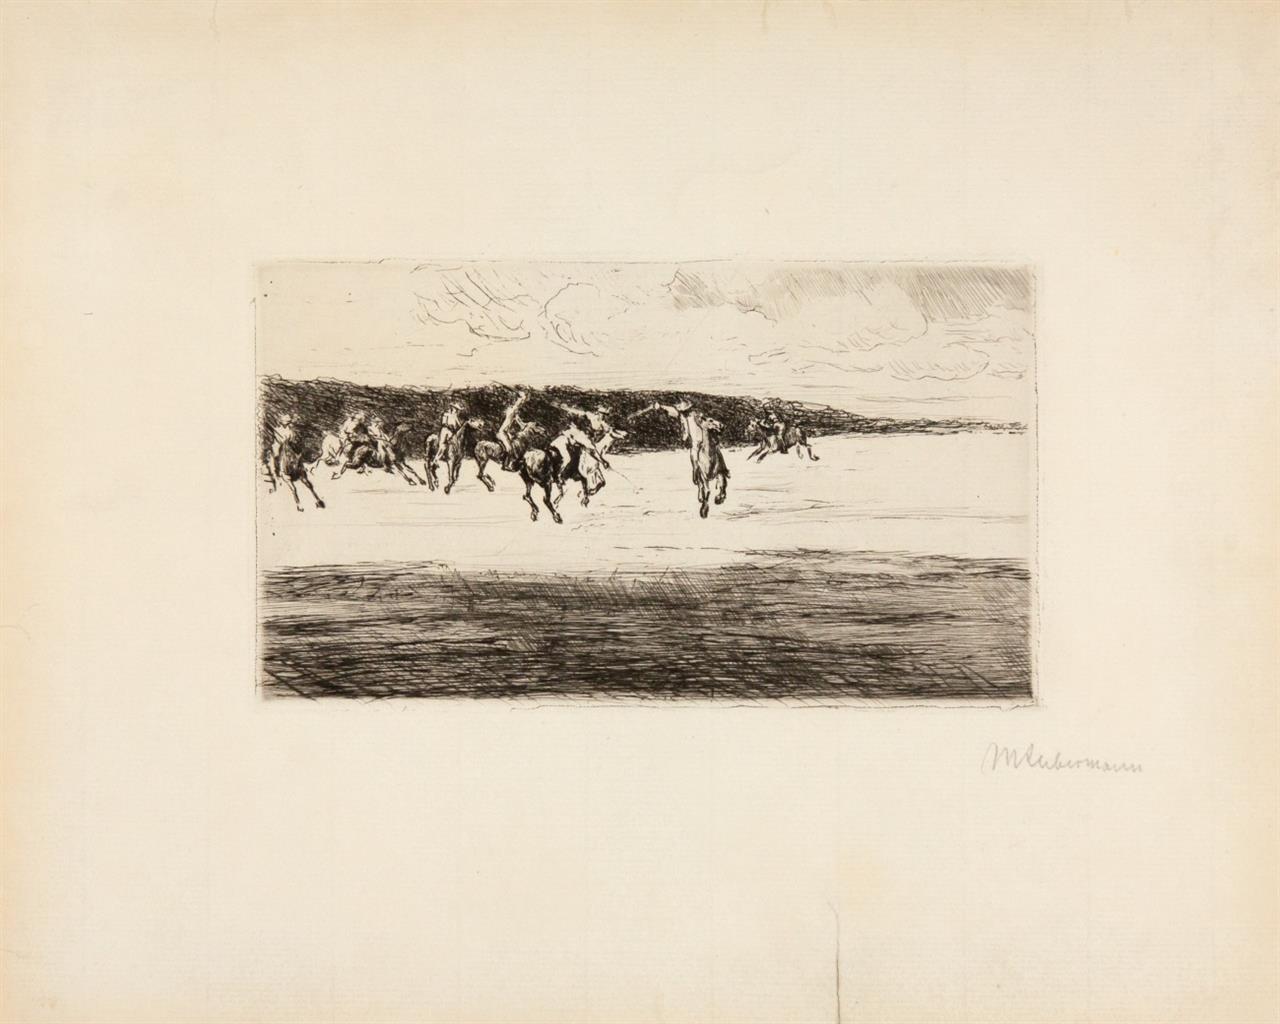 Max Liebermann. Polospiel. 1907. Kaltnadelradierung. Signiert. Schiefler 68 III.